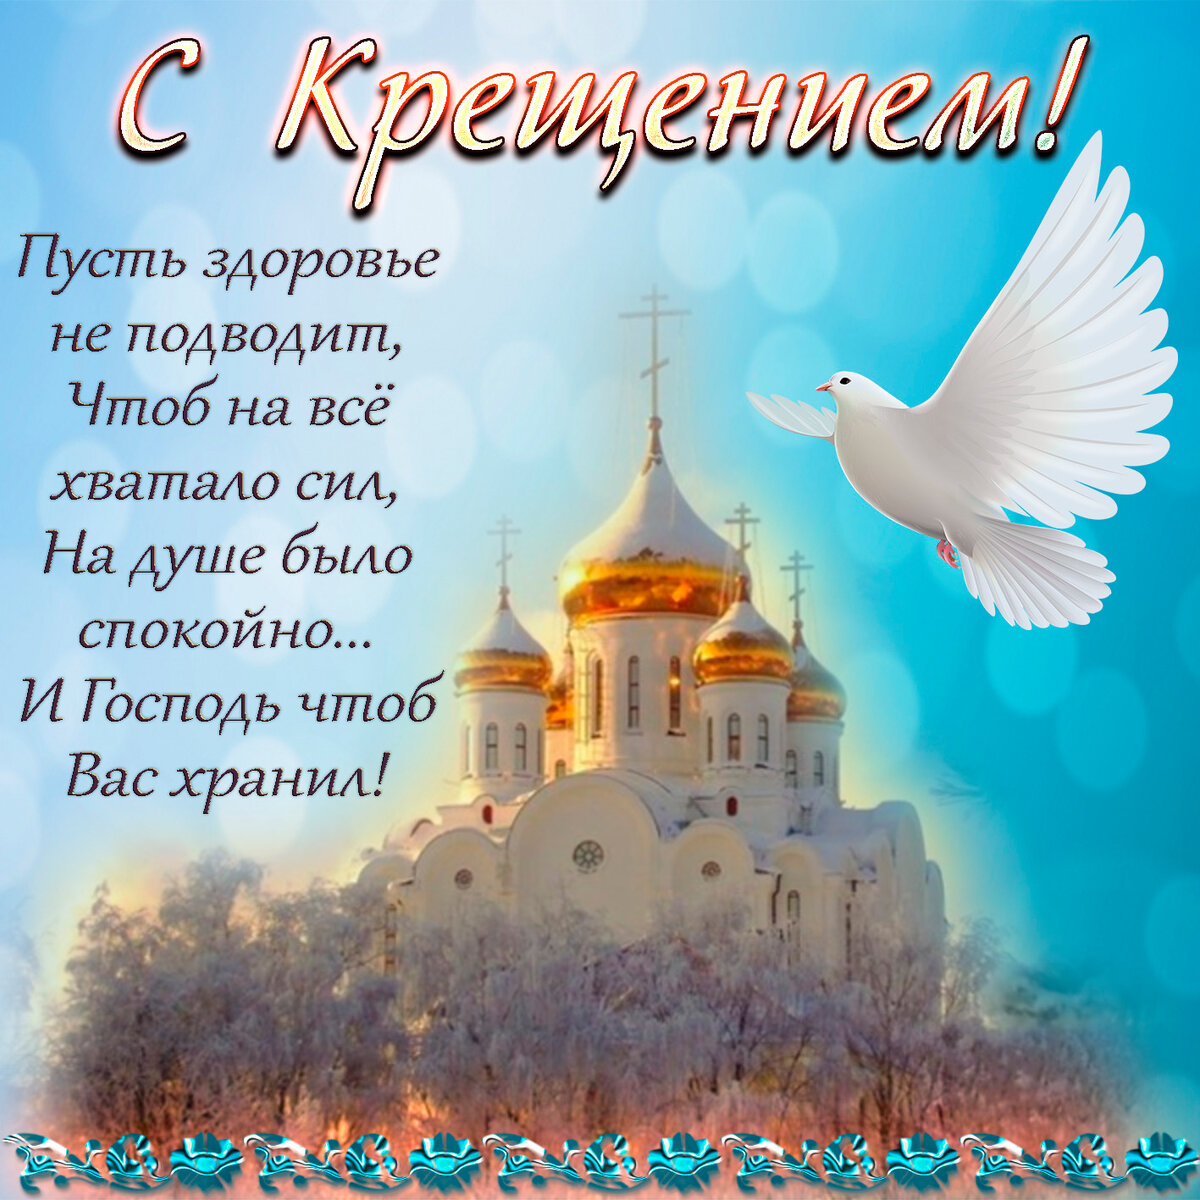 Картинках для, православные открытки крещение